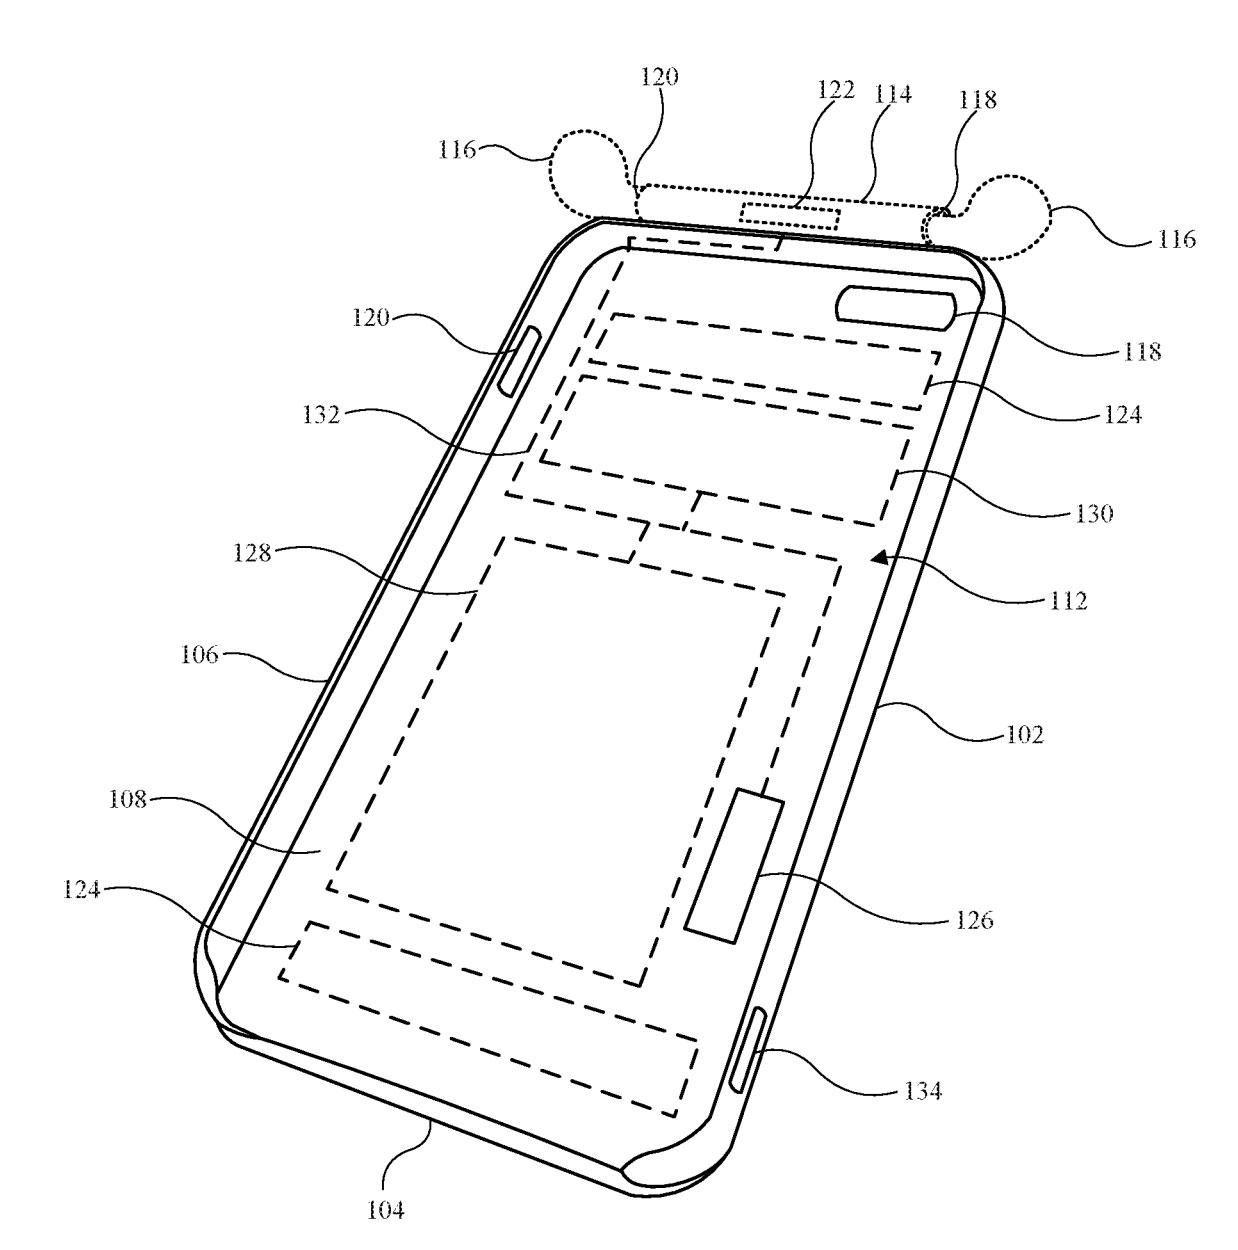 Funda con cargador de AirPods en una patente de Apple